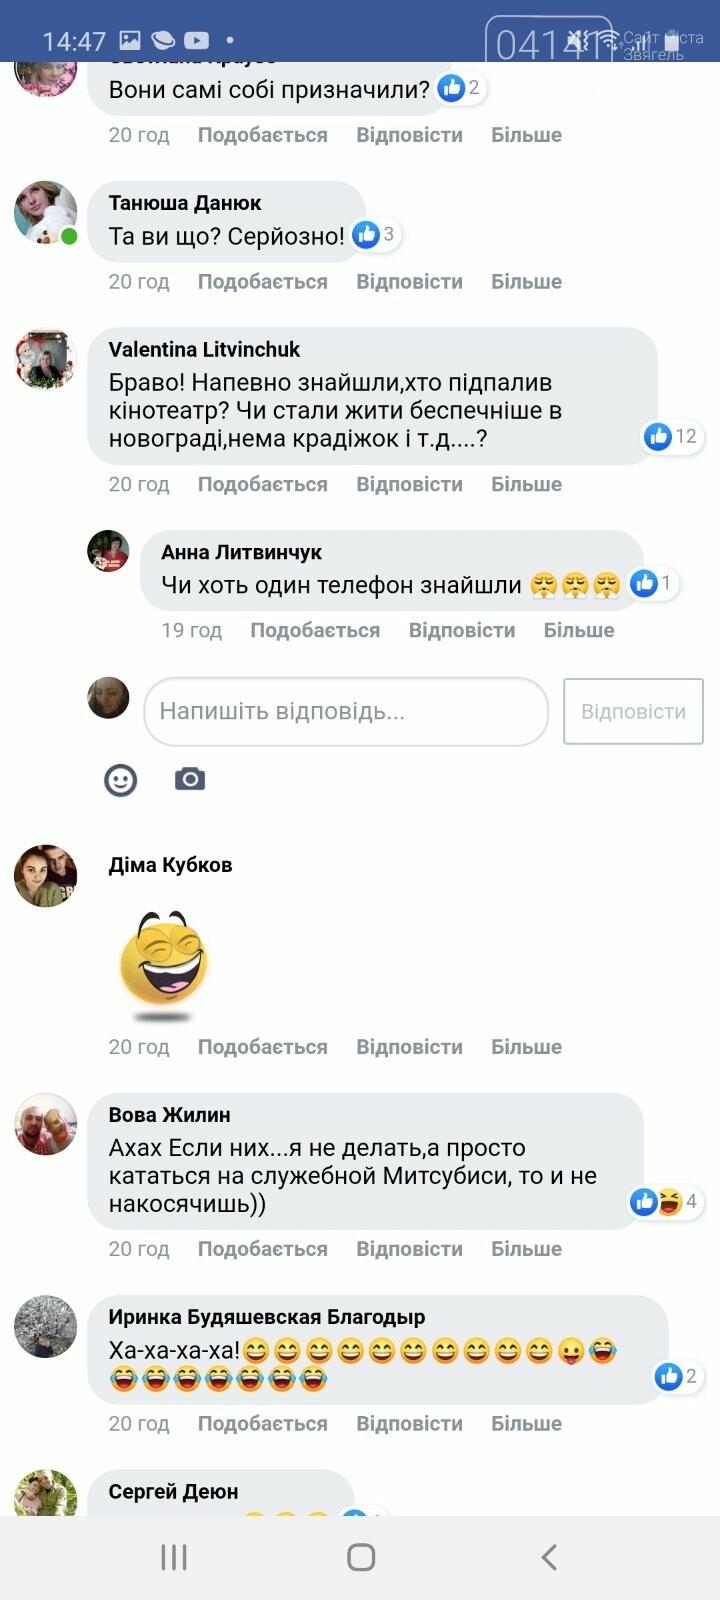 """Що думають новоград-волинці про """"першіcь"""" місцевого відділу поліції в області: (Скріни з коментарями), фото-5"""